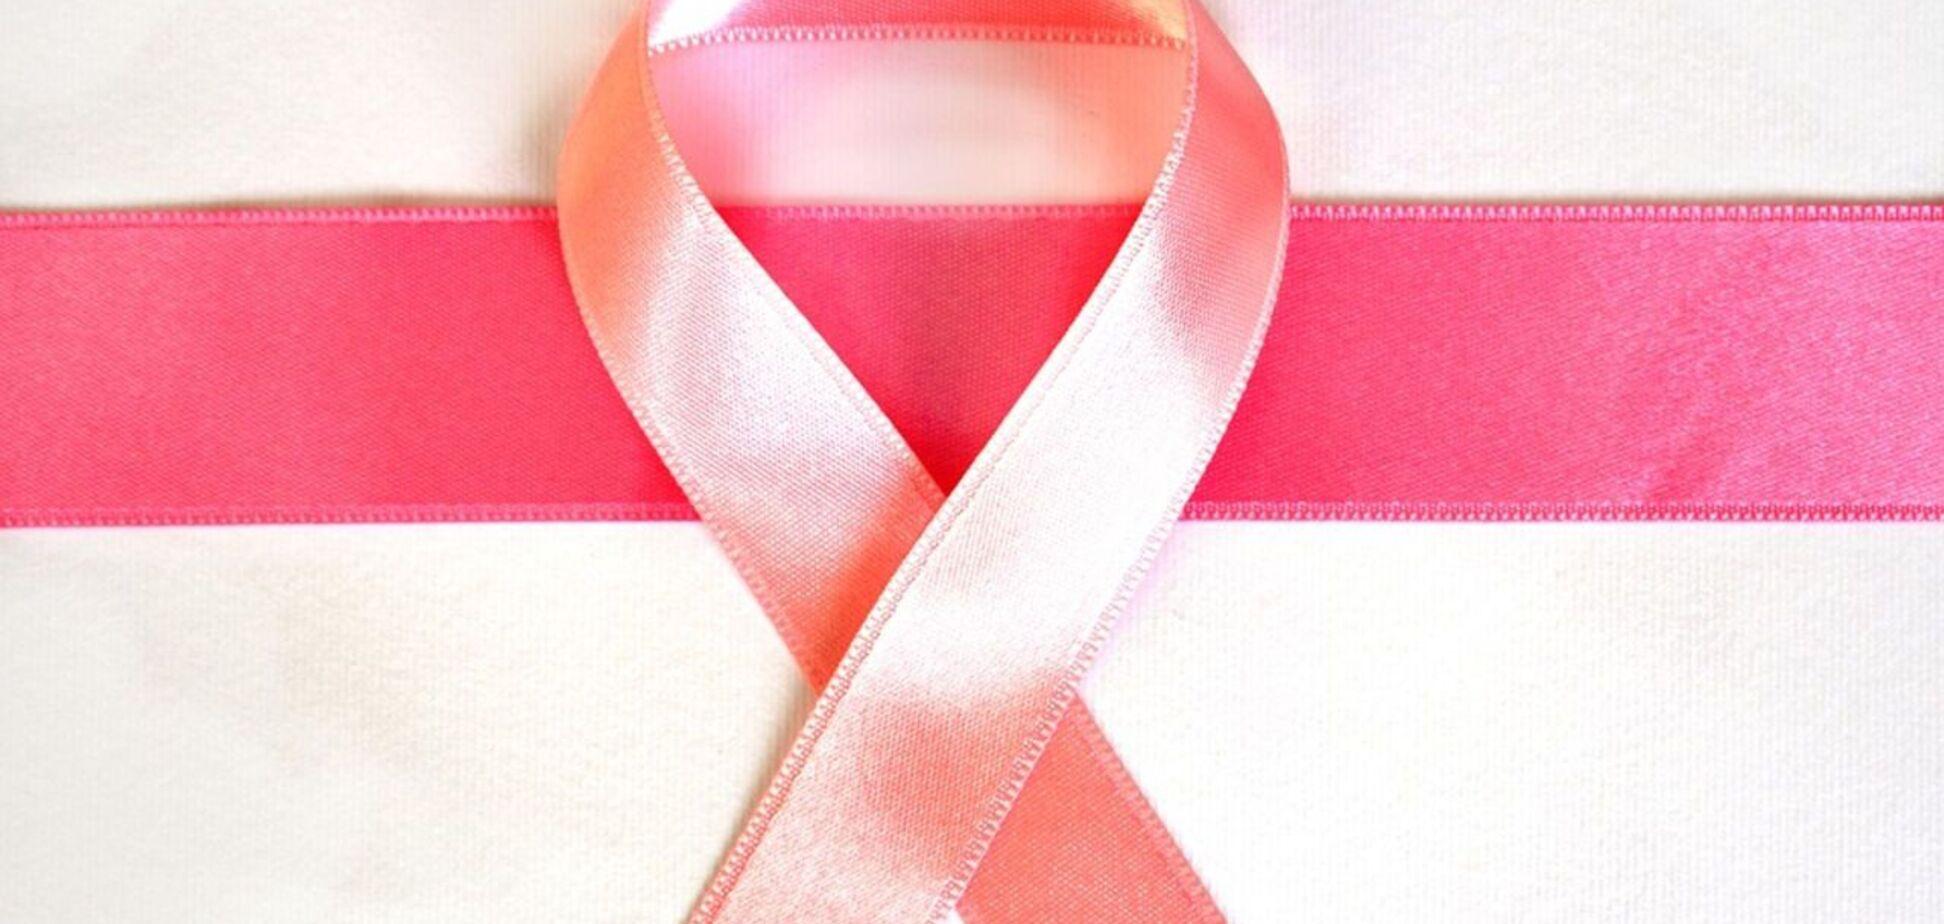 Почему маммография не всегда нужна женщинам, но нужна мужчинам